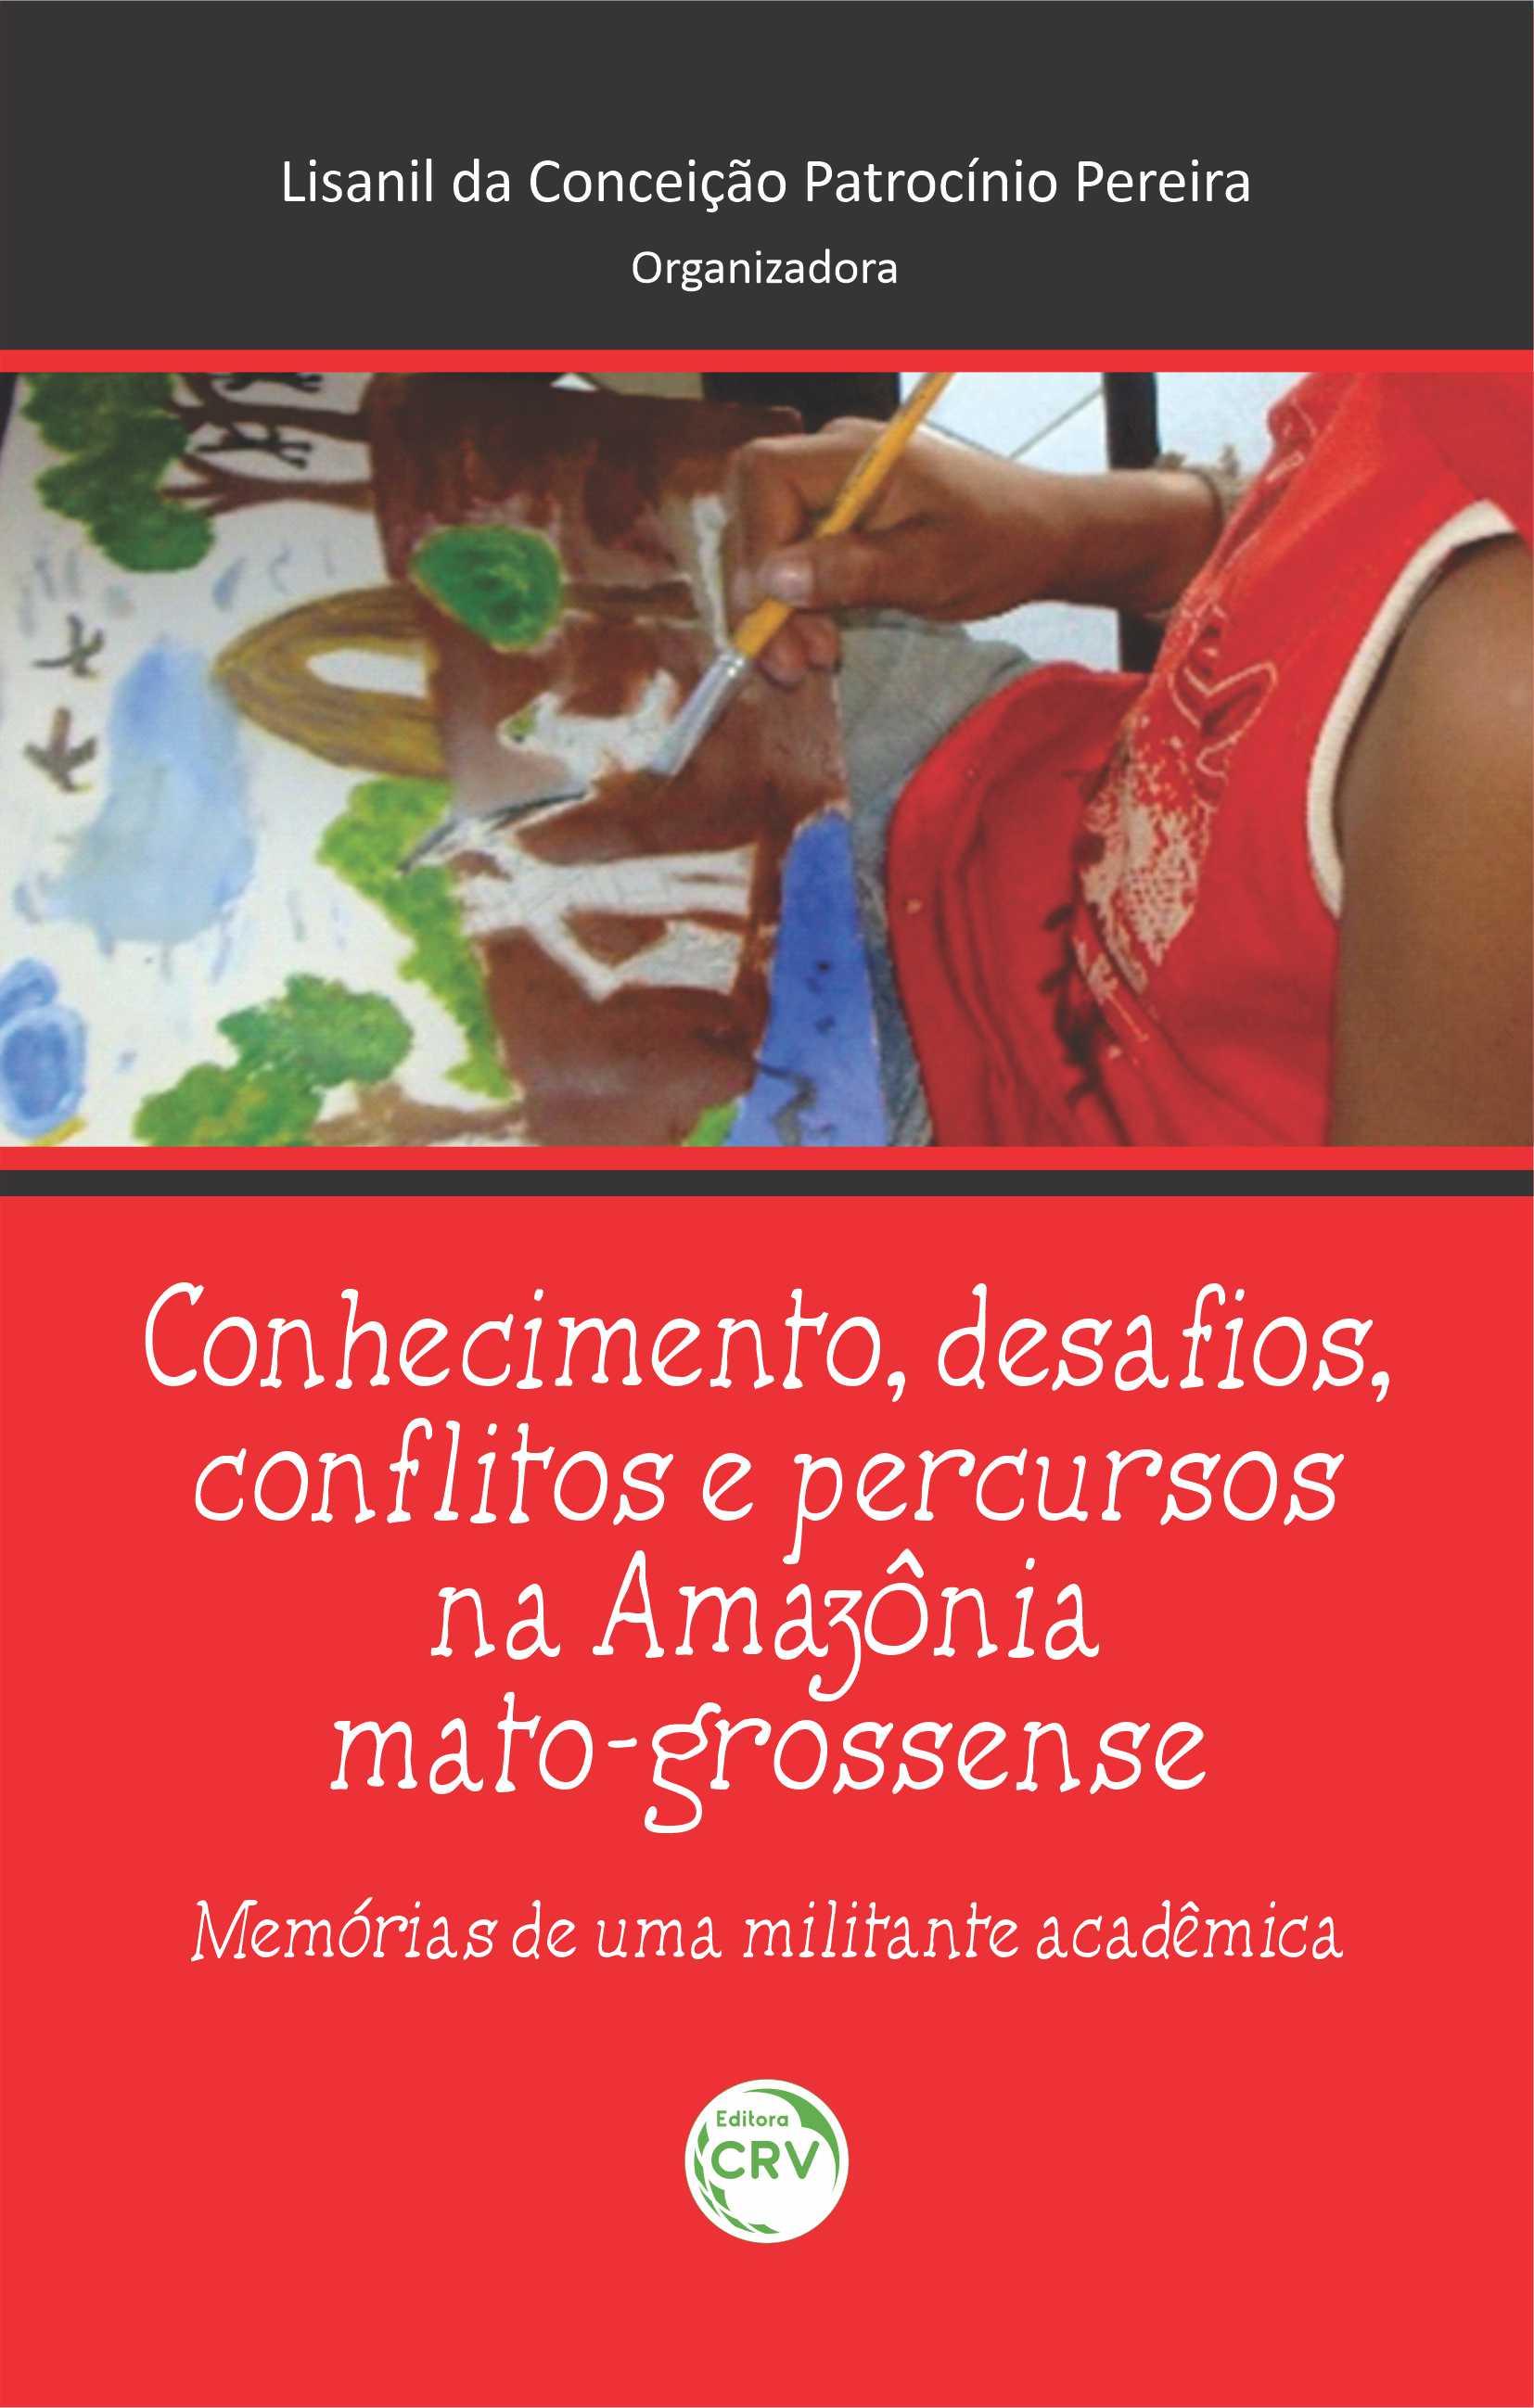 Capa do livro: CONHECIMENTO, DESAFIOS, CONFLITOS E PERCURSSOS NA AMAZÔNIA MATRO-GROSSENSE: <br>memórias de uma militante acadêmica